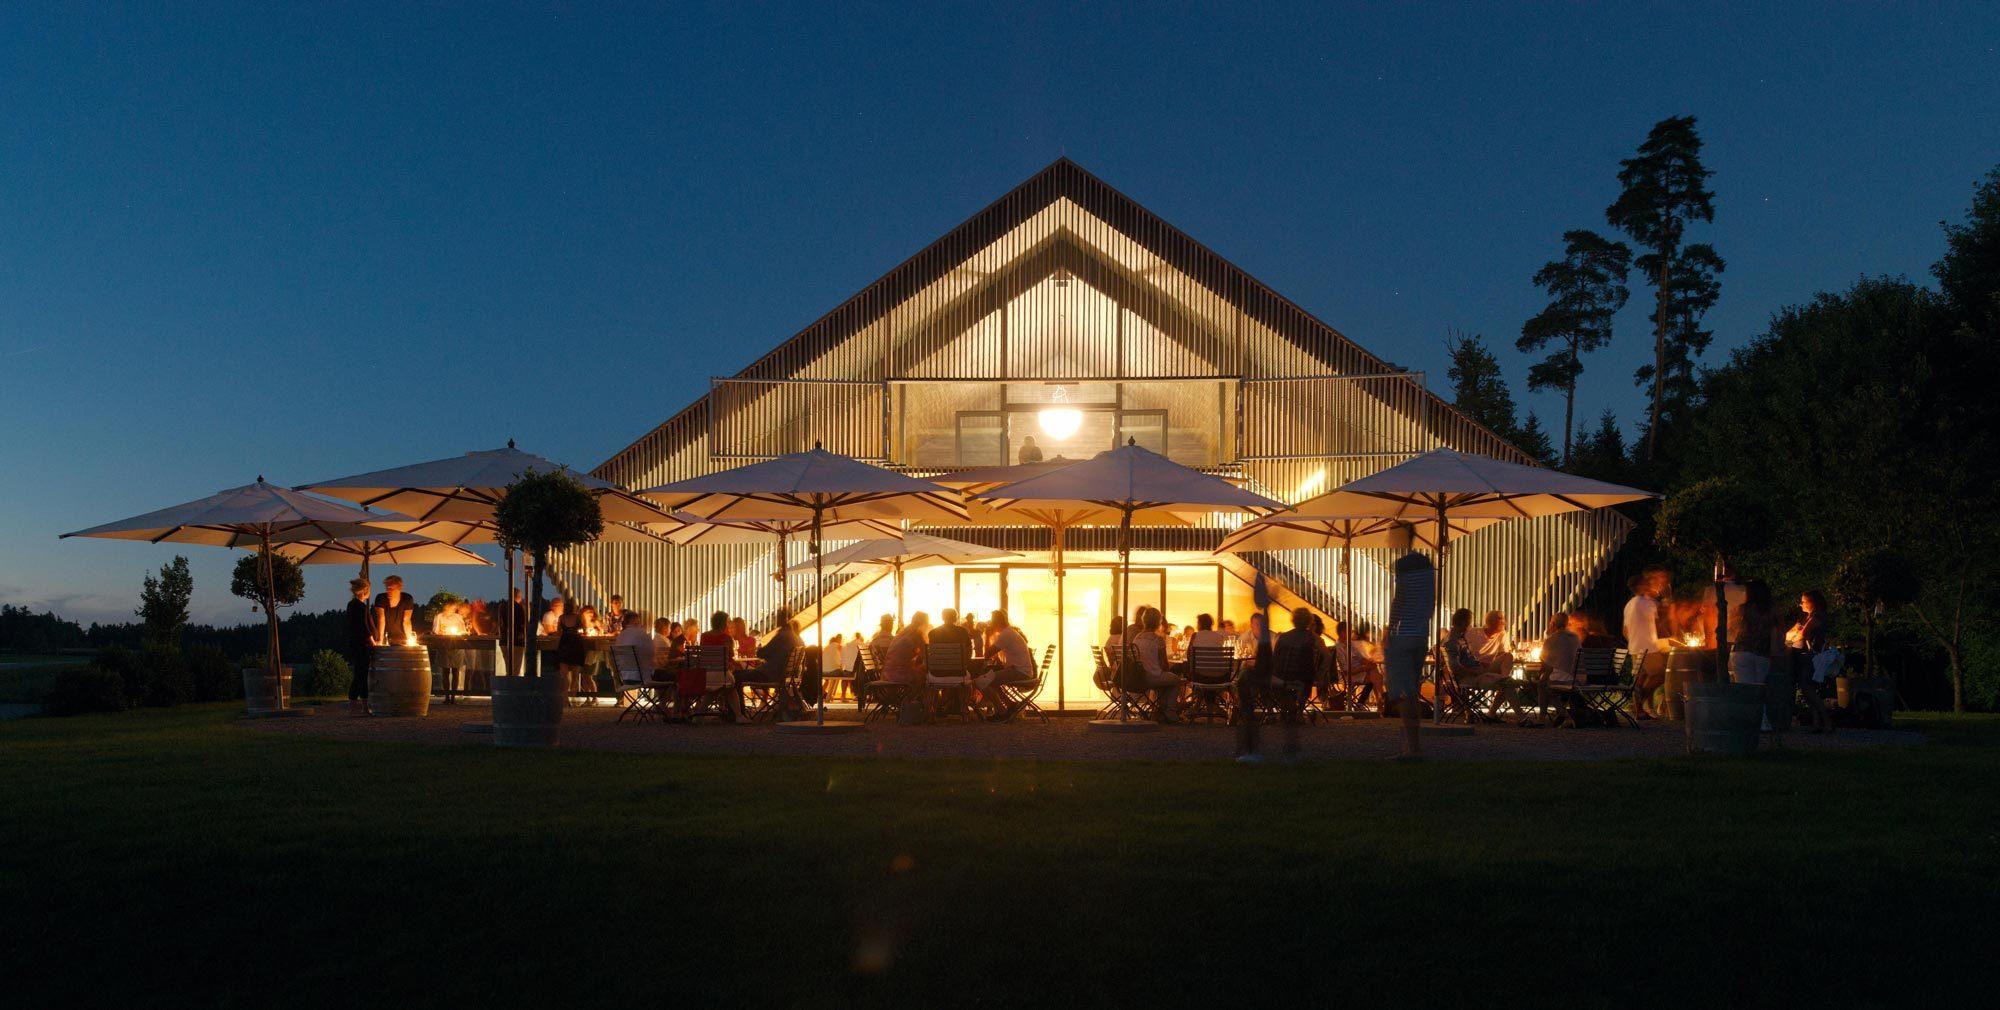 Der von Ludescher + Lutz Architekten geplante Neubau des Weinguts Schmidt am Bodensee entspricht in Material- und Formensprache der Typologie regionaler Holzbauten.